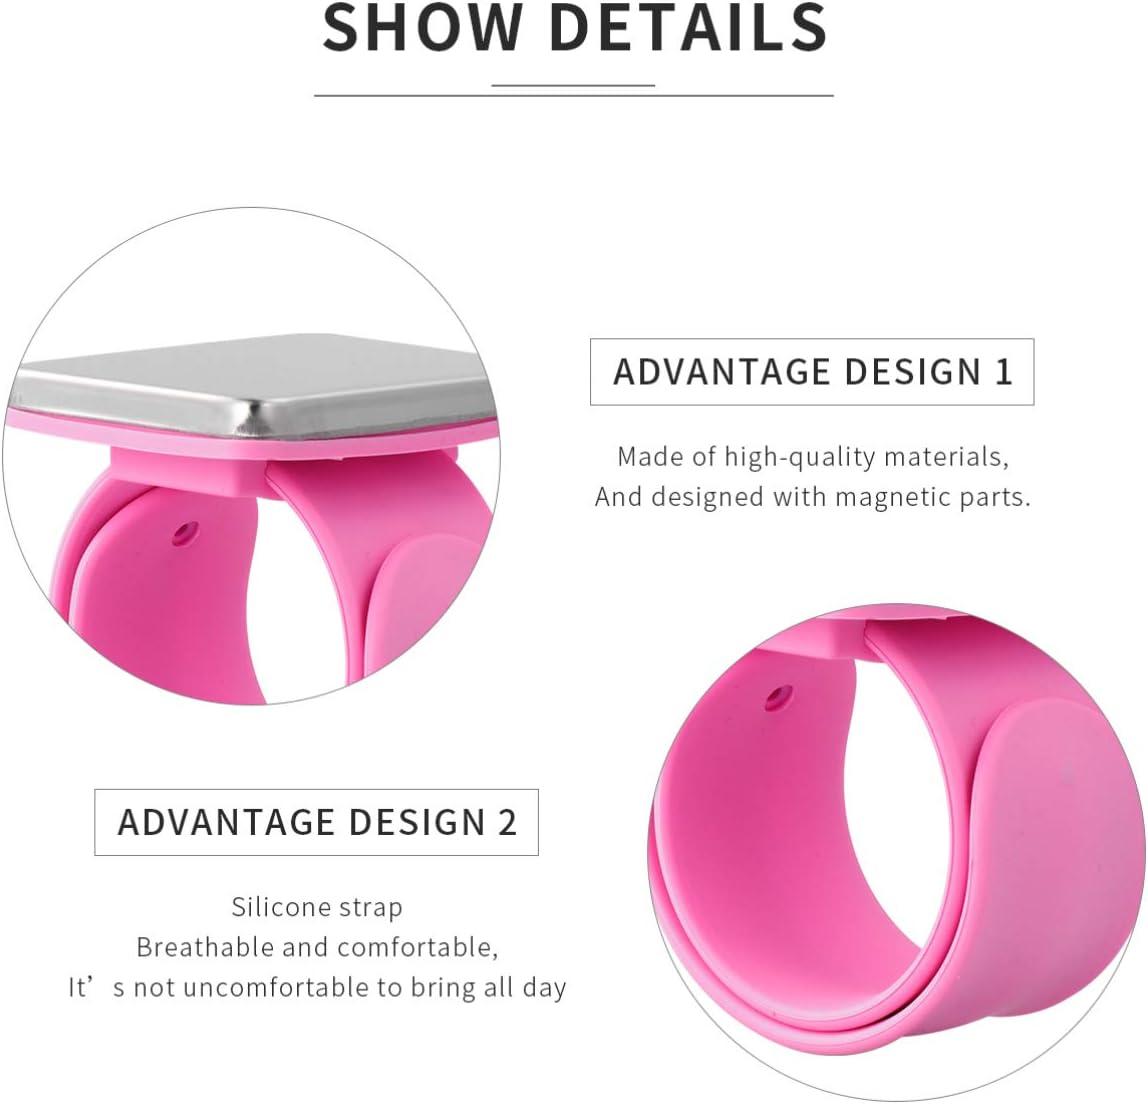 EXCEART Magn/étique Poignet Couture Pincushion Coussin Magn/étique Pin Coussin Bracelet Pin Support de Coussin pour Quilting /Épingles /à Coudre Pinces /à Cheveux Orange